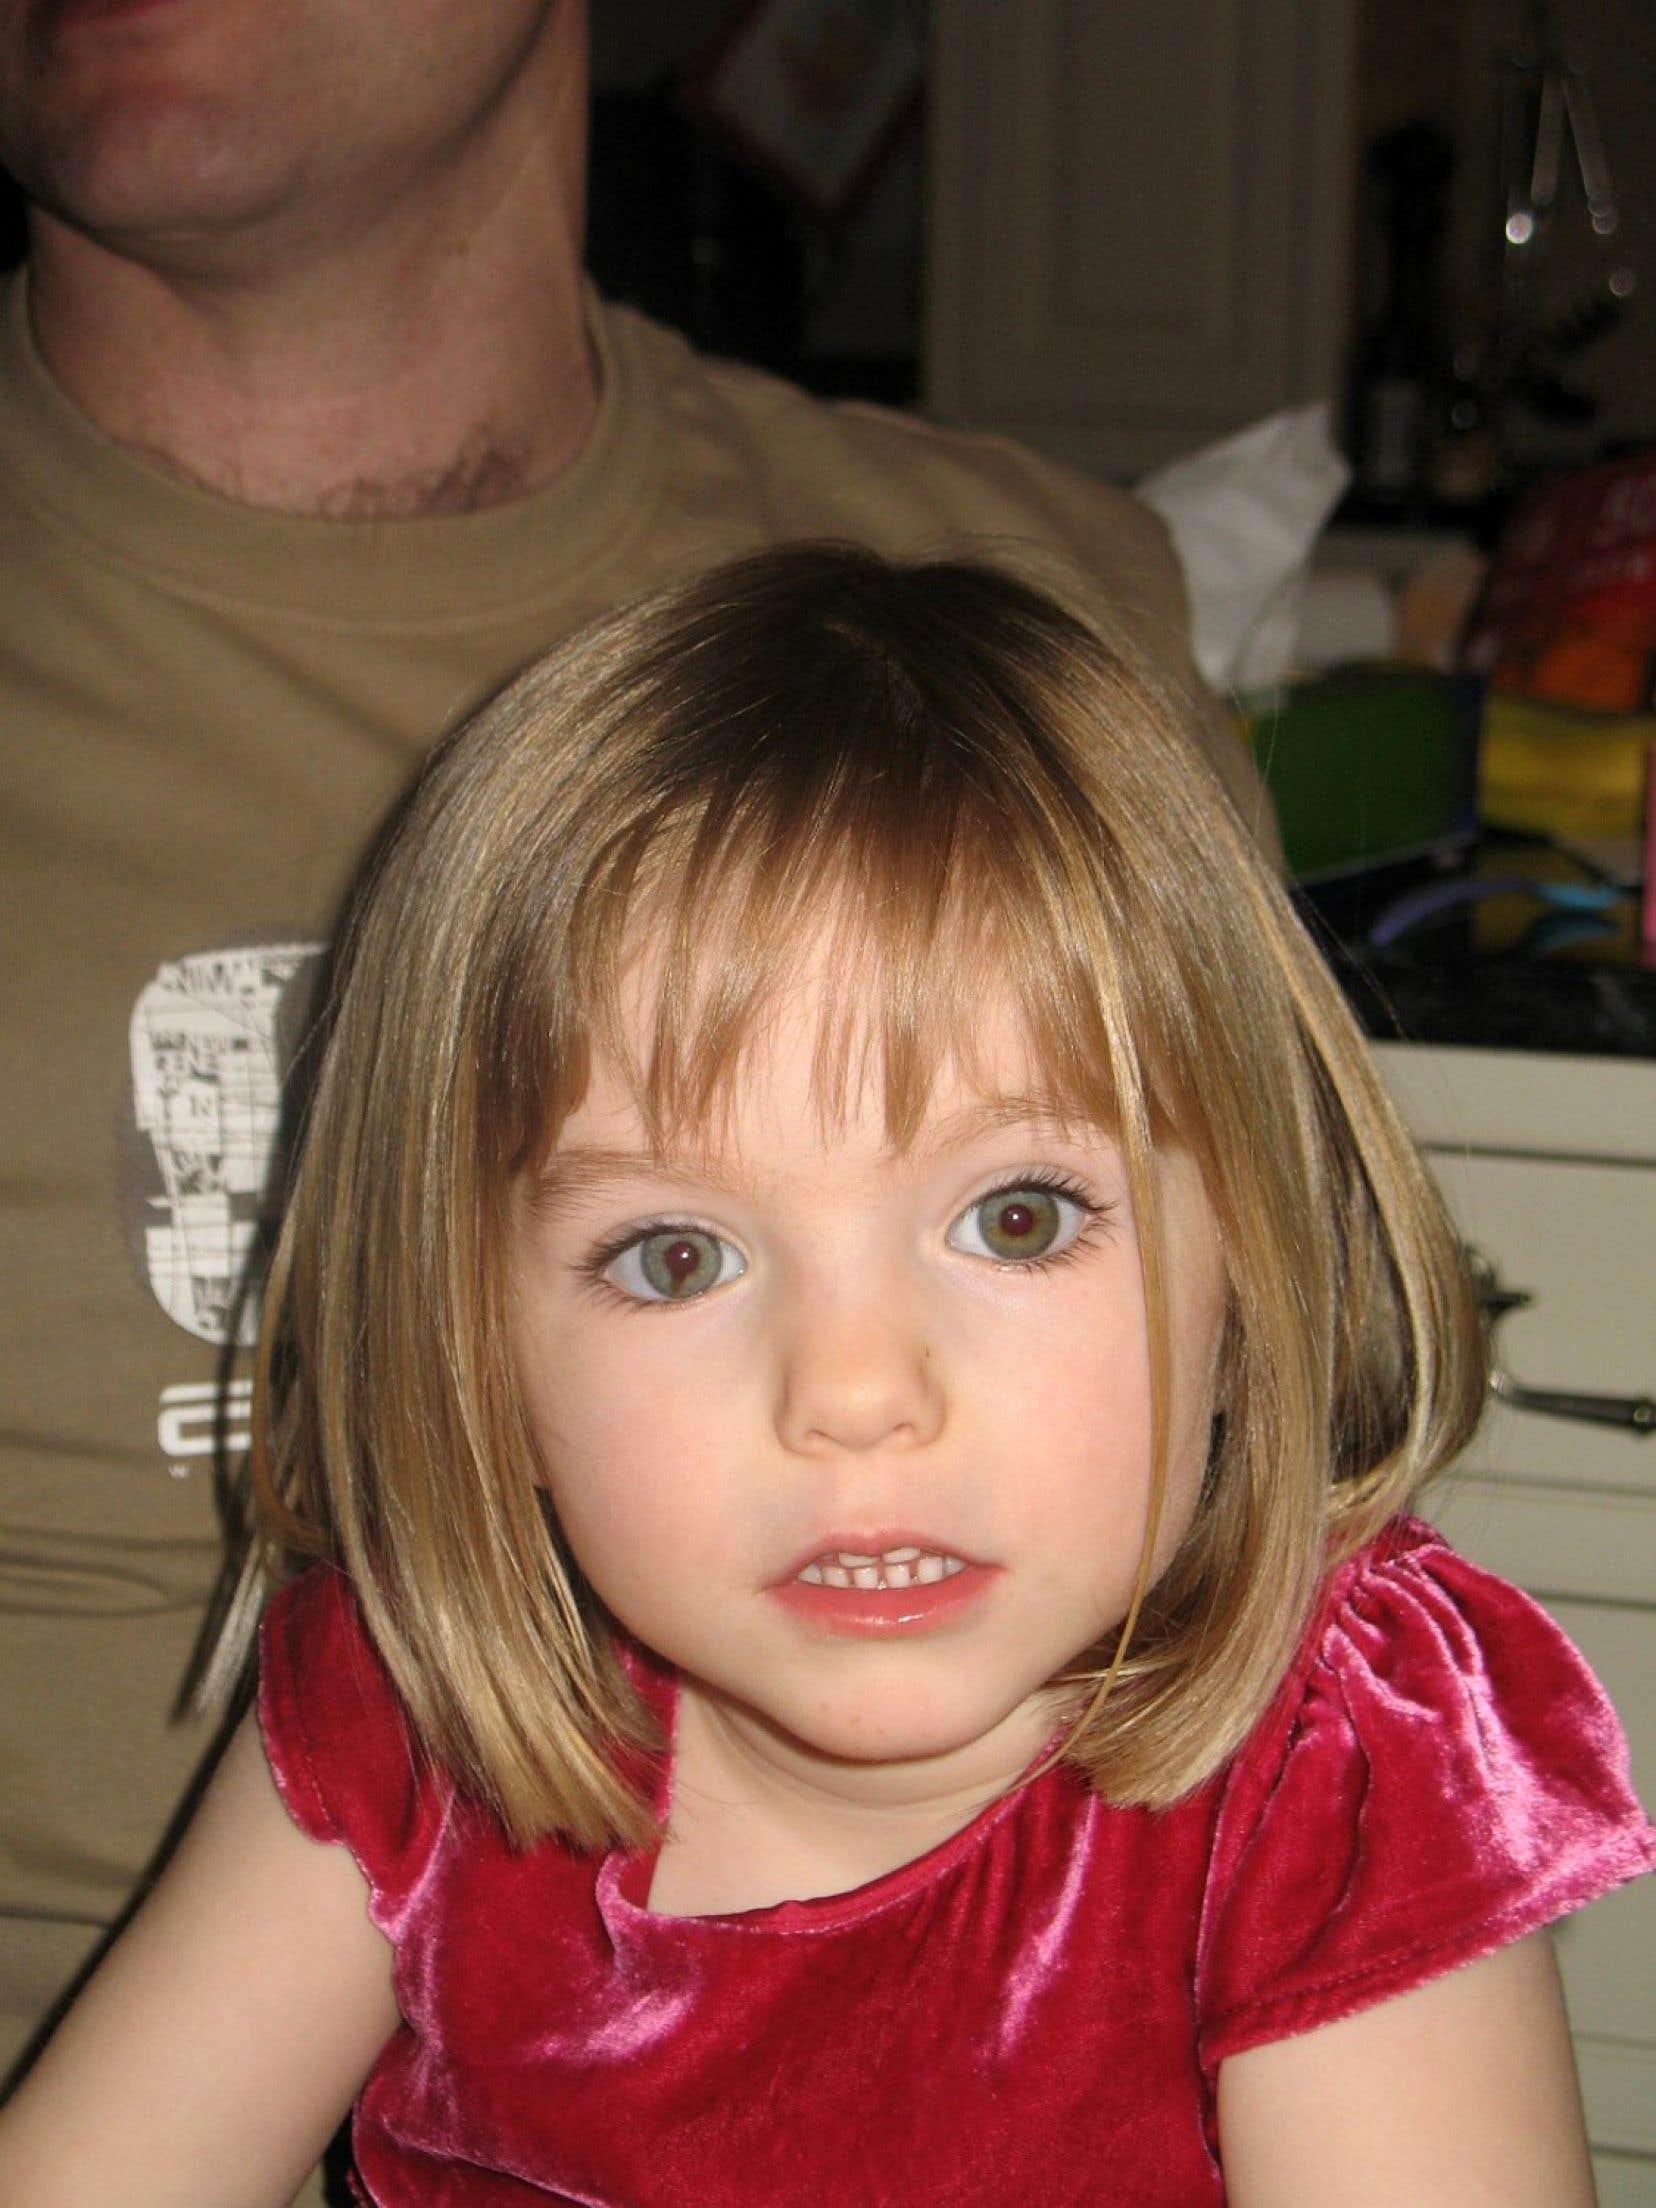 La disparition de la petite Maddie avaittenu en haleine la planète il y a 13 ans.